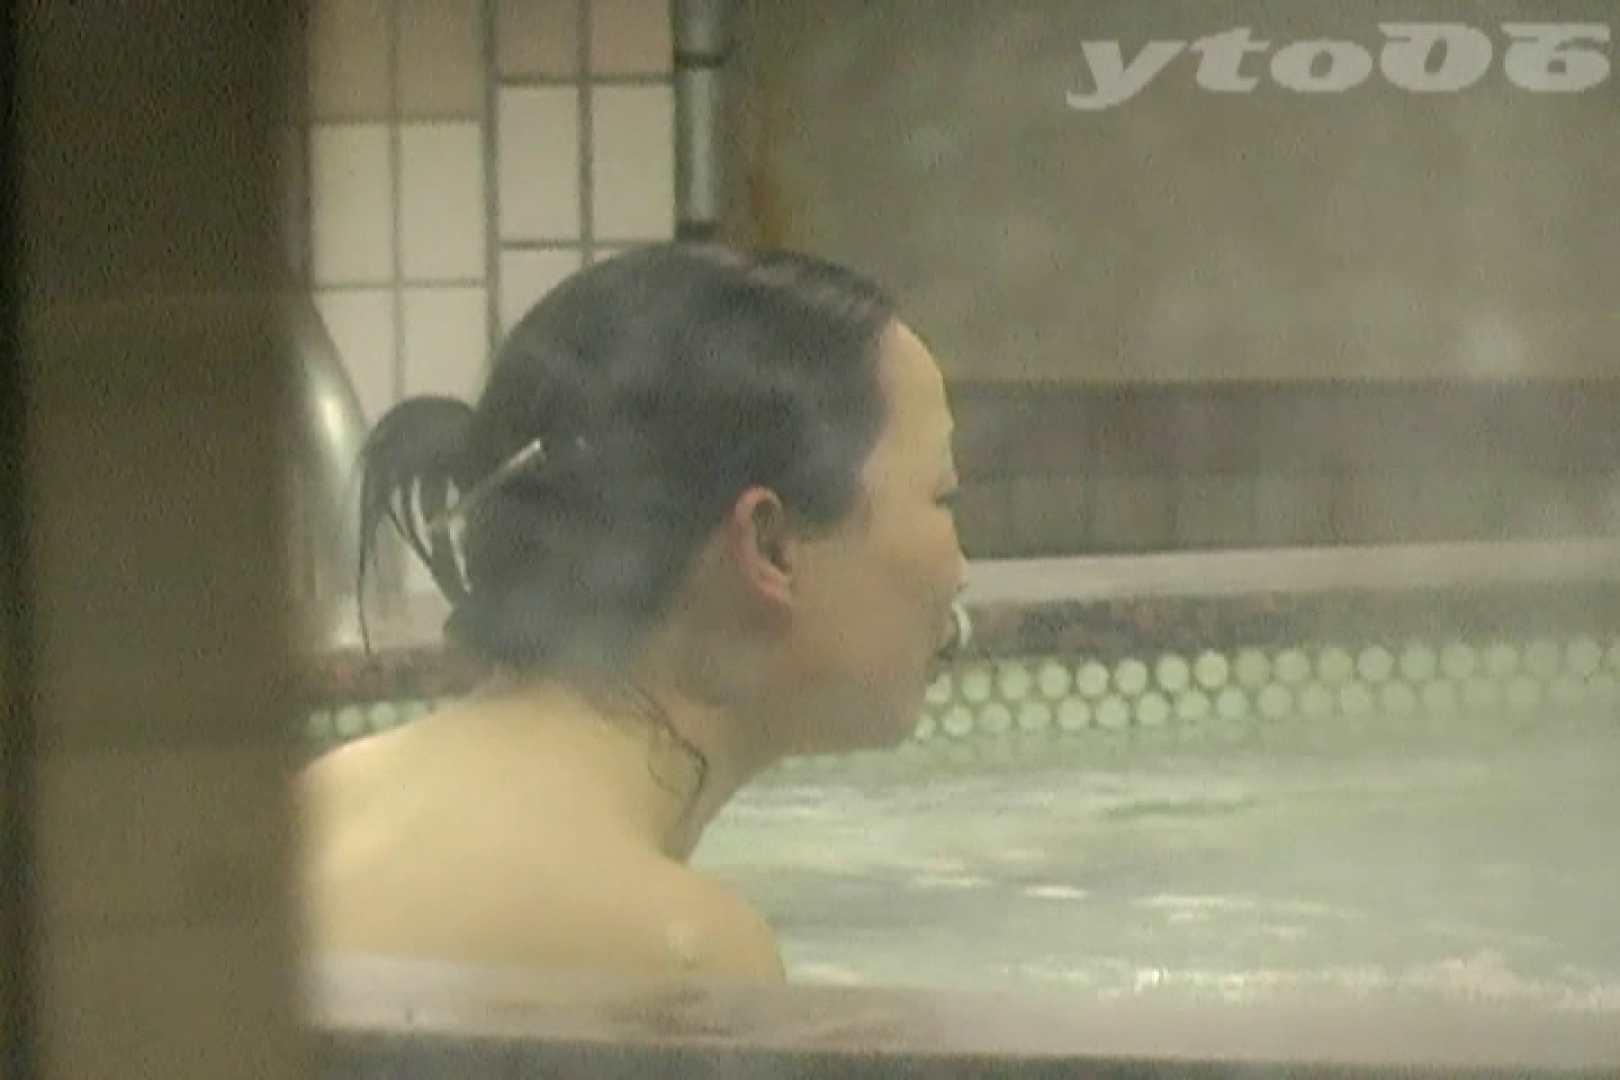 ▲復活限定▲合宿ホテル女風呂盗撮 Vol.36 ホテル セックス画像 70pic 4